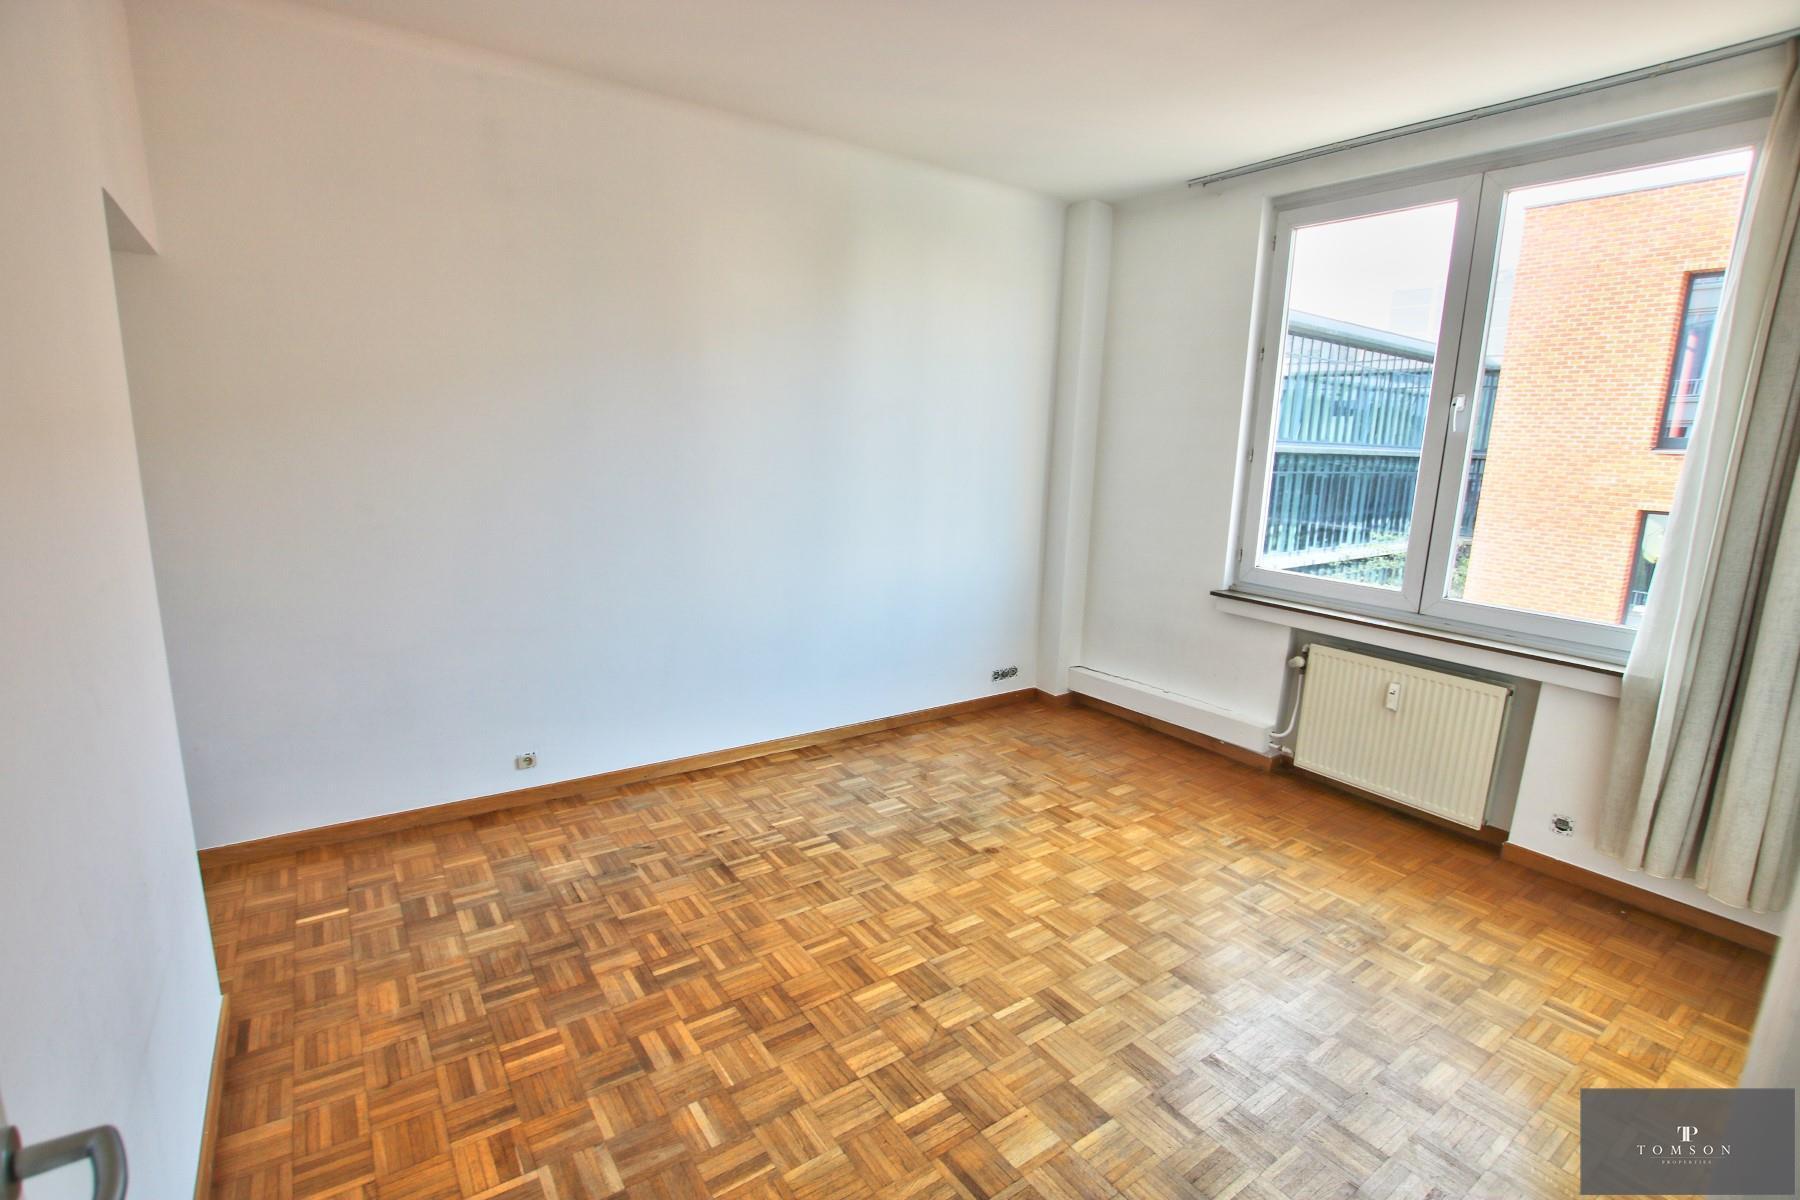 Appartement - Etterbeek - #4304367-10